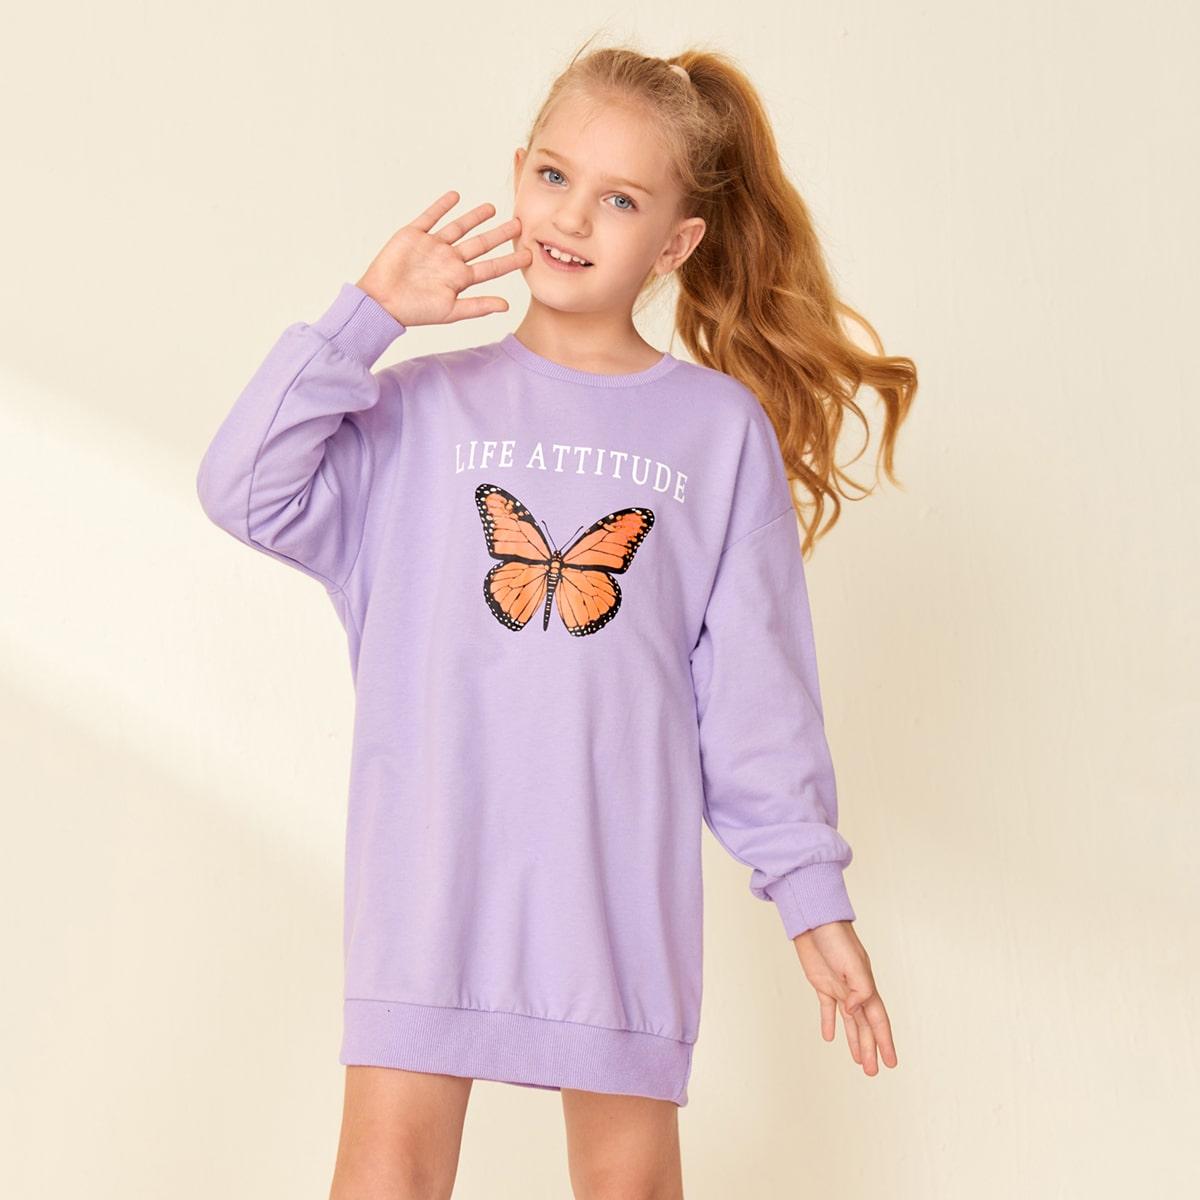 Свитшот-платье с текстовым принтом и бабочкой для девочек